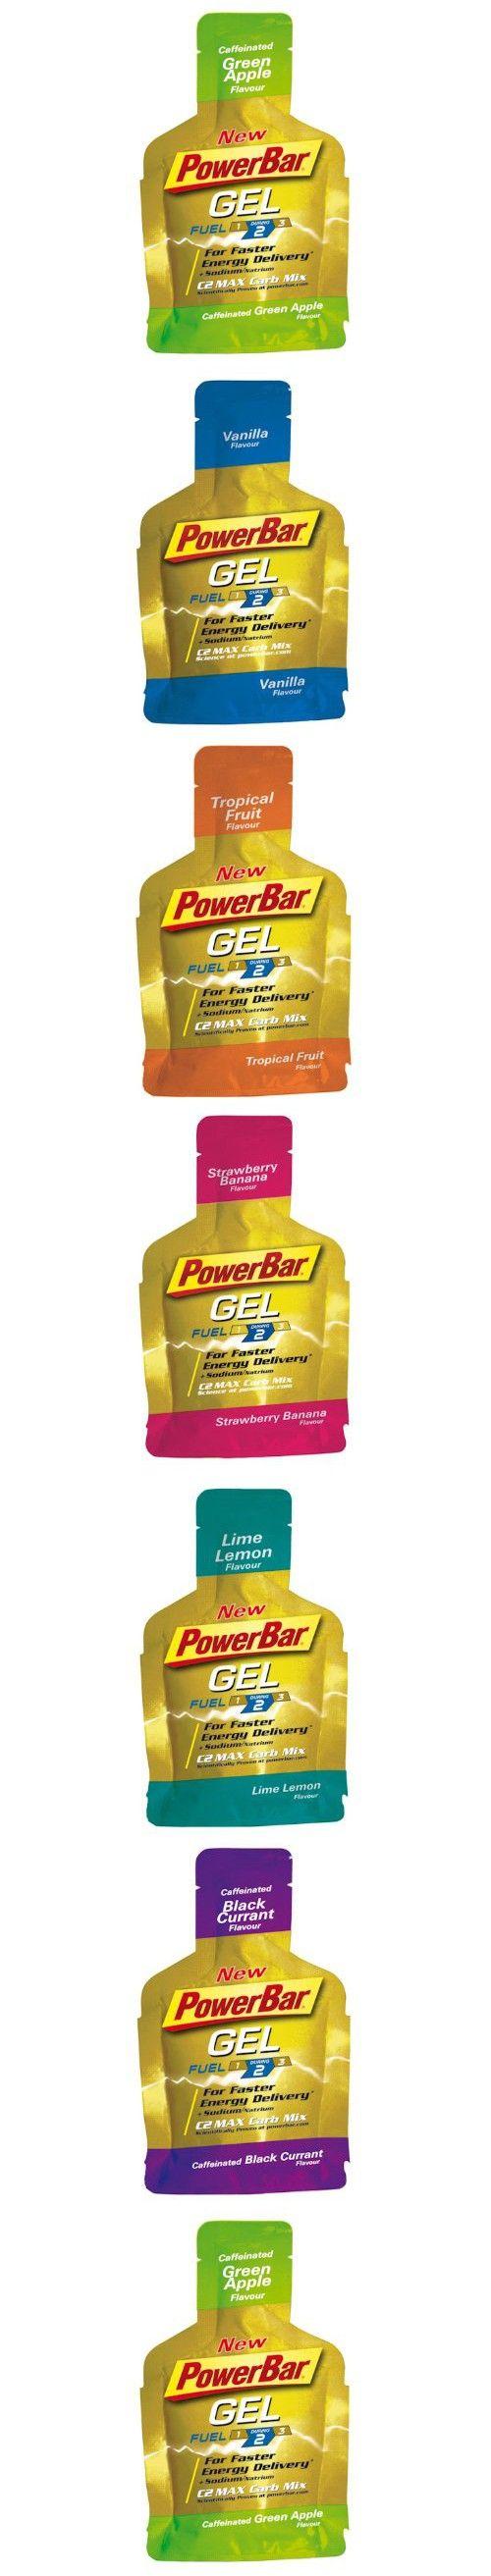 POWERBAR Gel - 41g Single by Power Bar